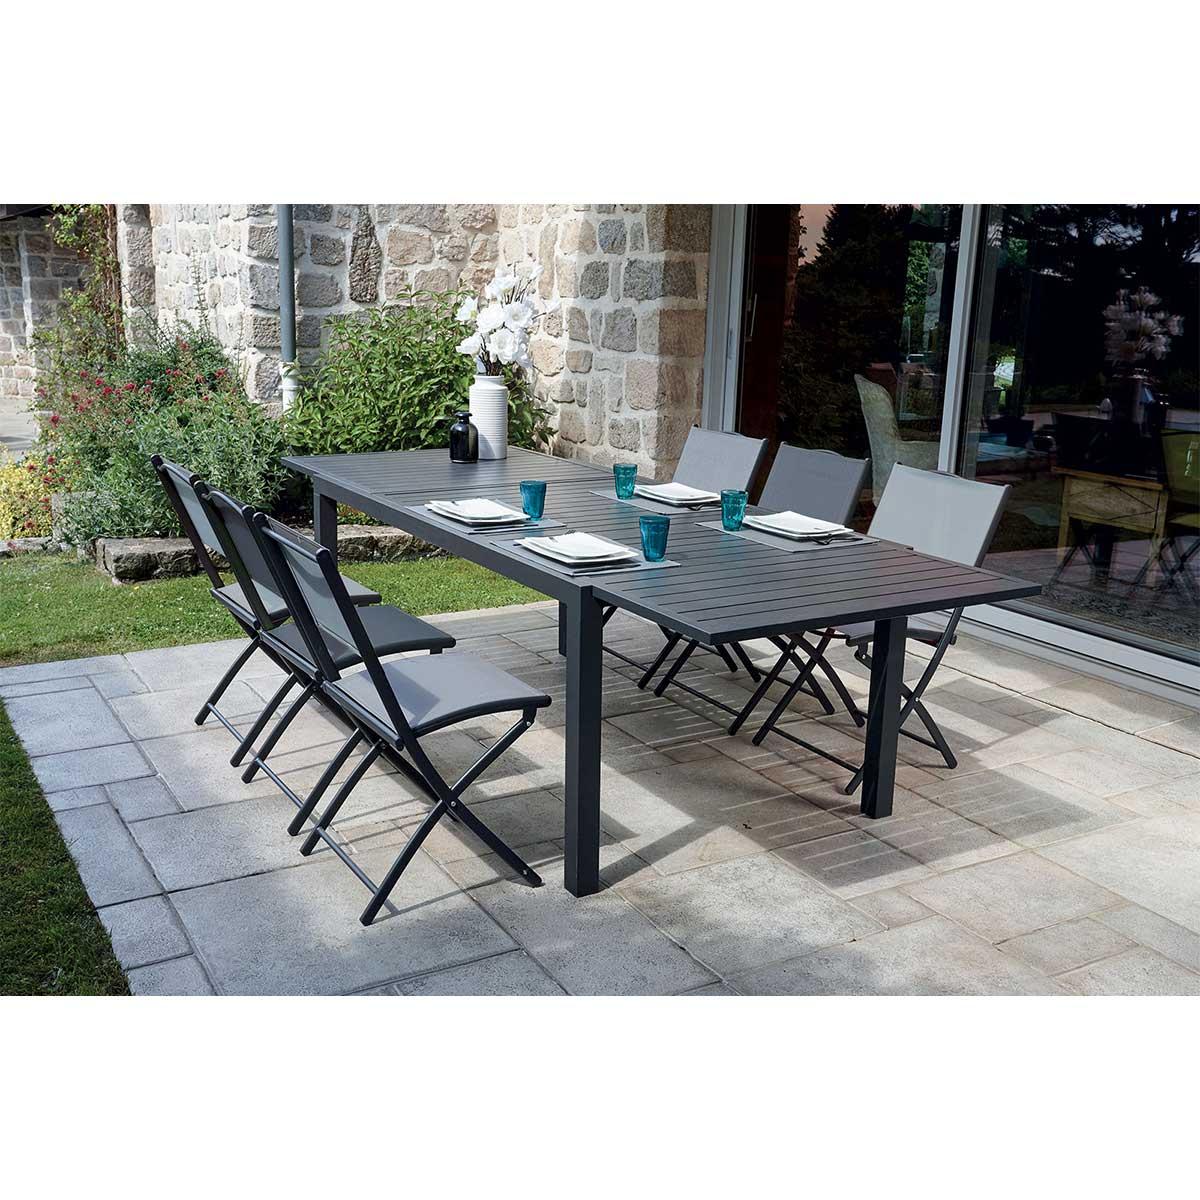 Ensemble de jardin avec table à rallonge et chaises pliantes - Anthracite - 180/270 cm x 100 x 75 cm